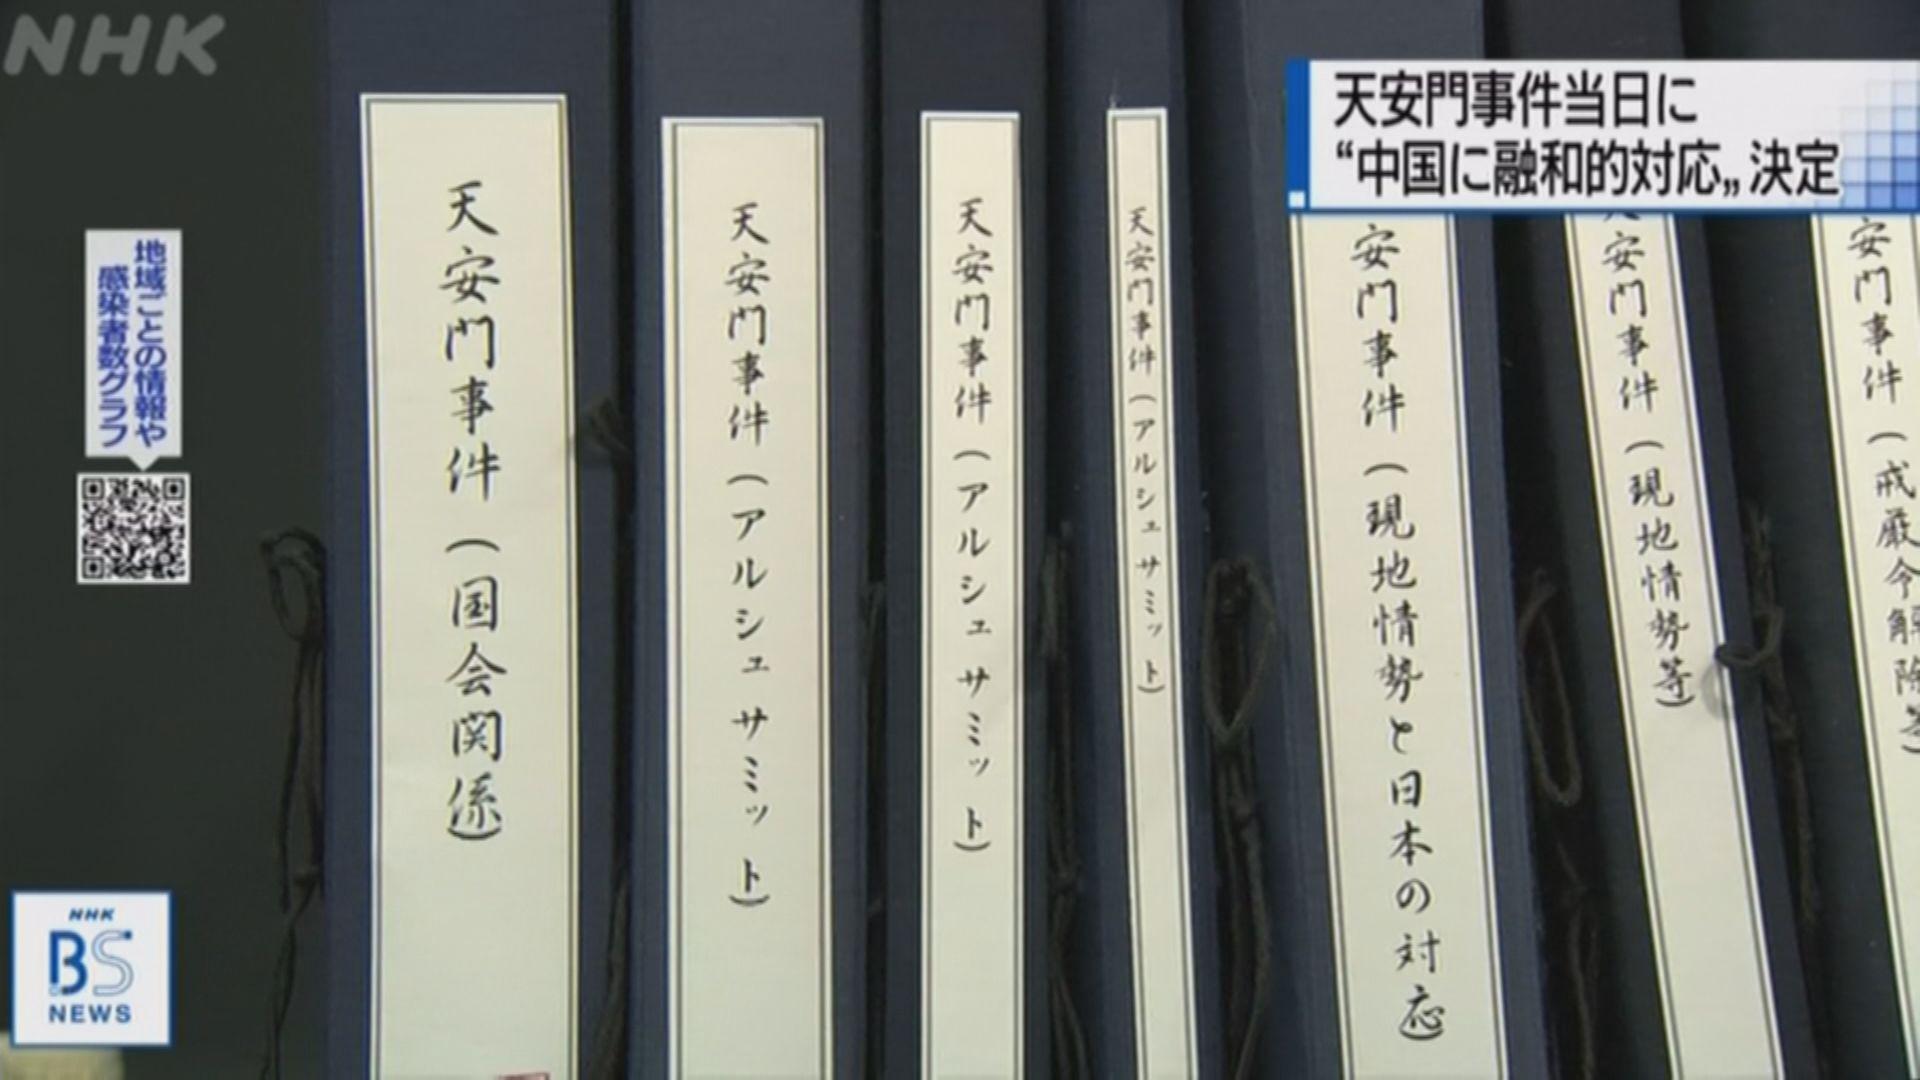 日政府公開外交文件 天安門事件後以和睦方針應對中國